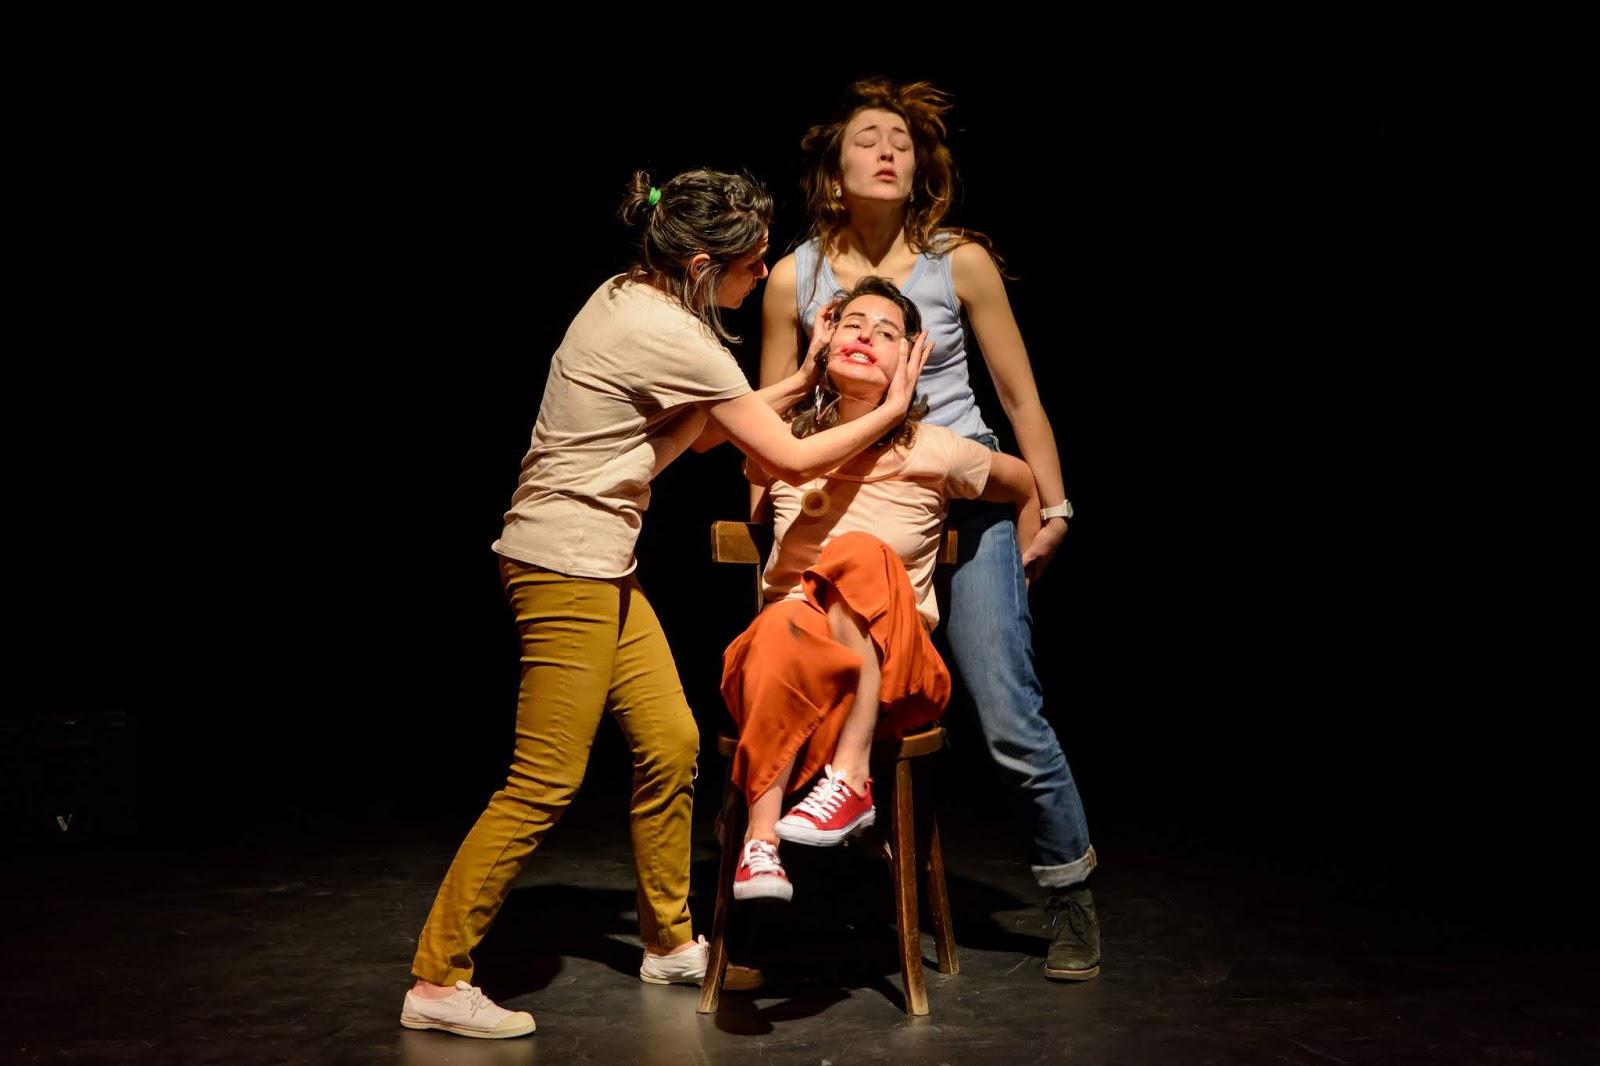 Andrea Jimenez Desnuda desde el patio: generación why. teatro en vilo.